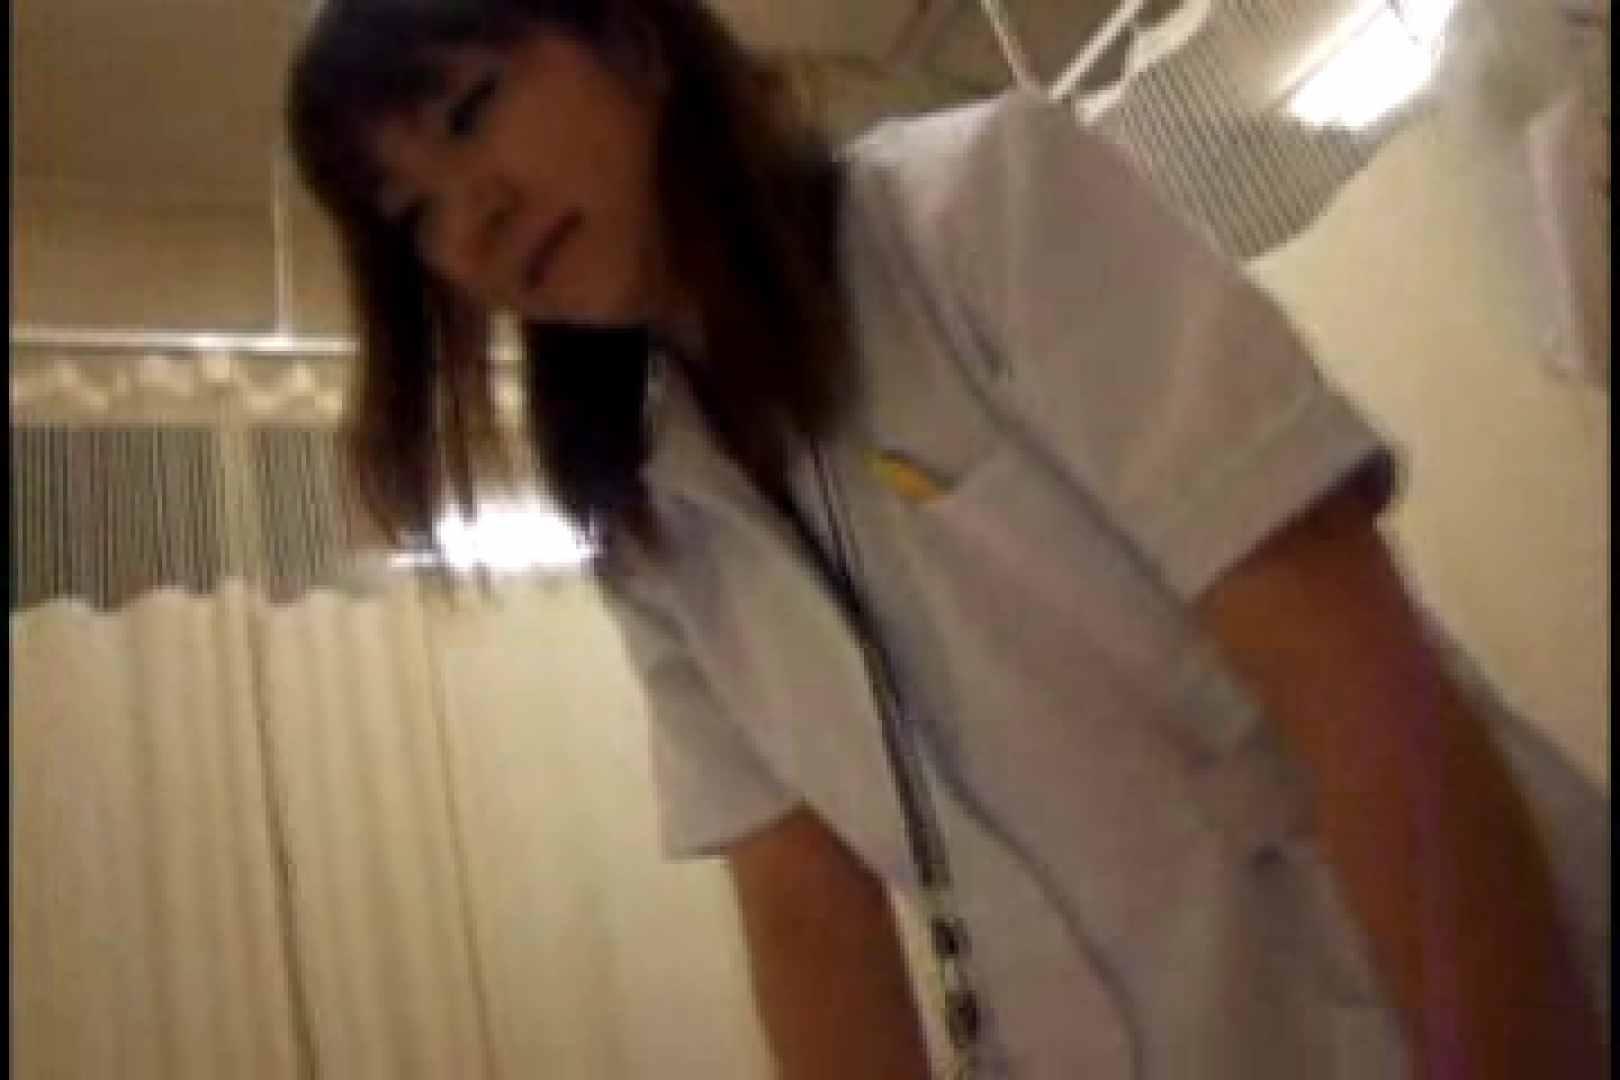 ヤリマンと呼ばれた看護士さんvol1 エッチなOL セックス無修正動画無料 99枚 47